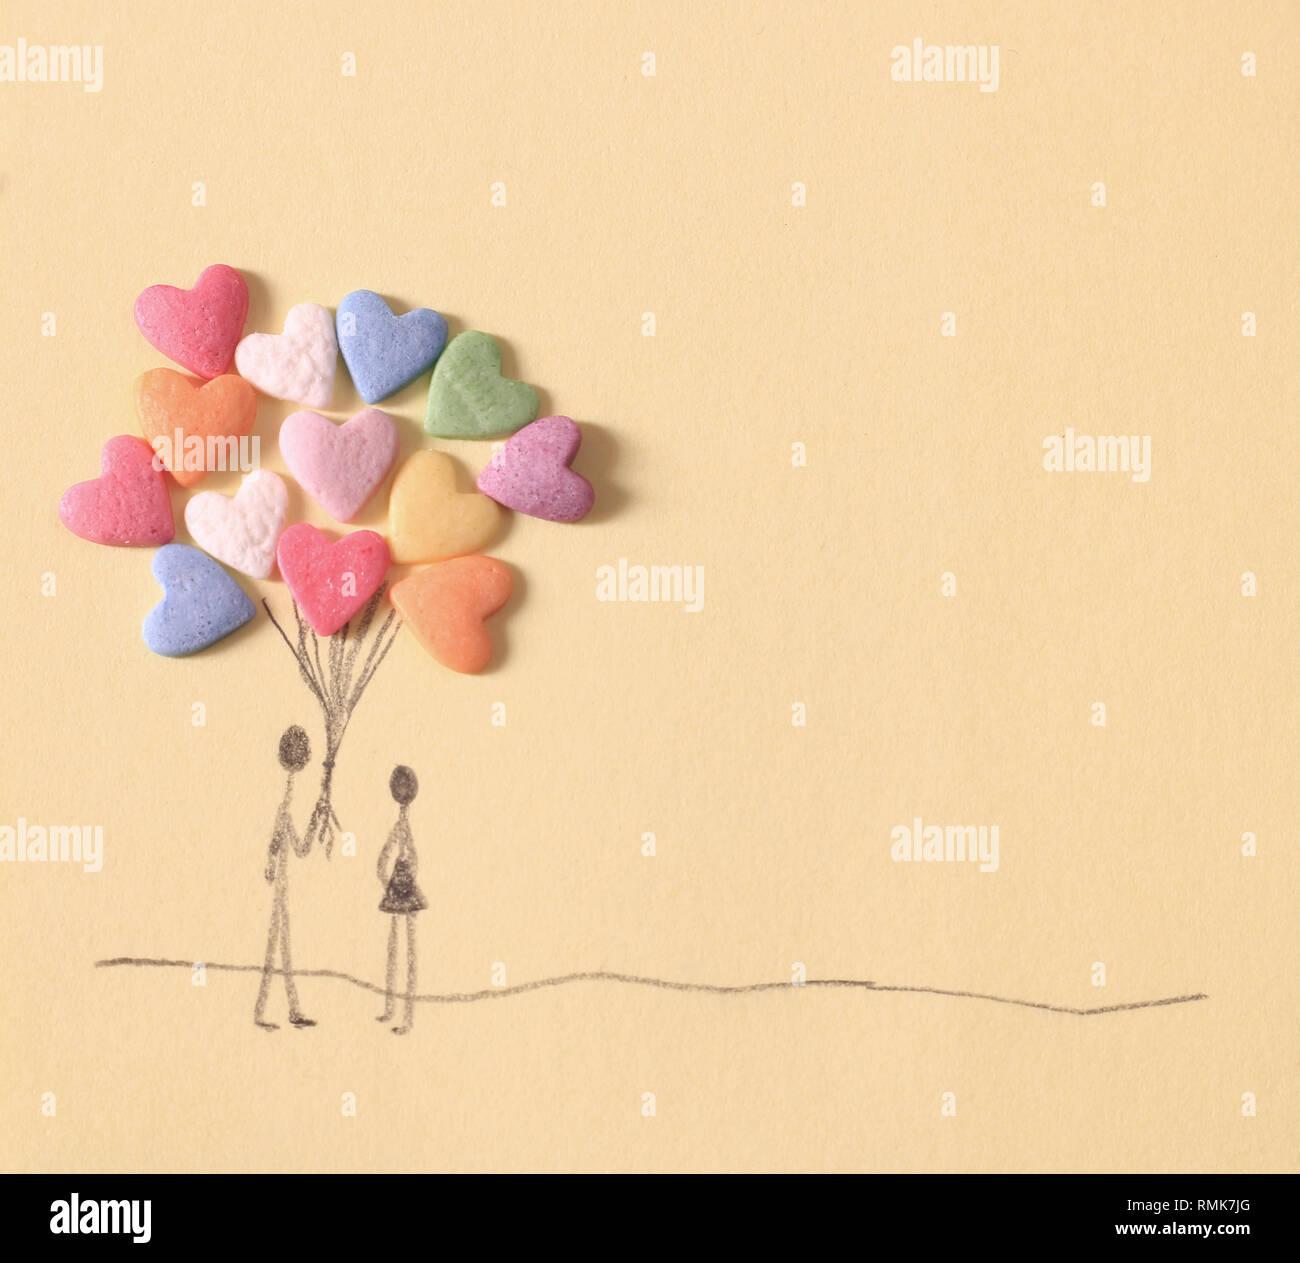 Candy cuore palloncino disegnati a mano illustrazione per il giorno di San Valentino card Immagini Stock